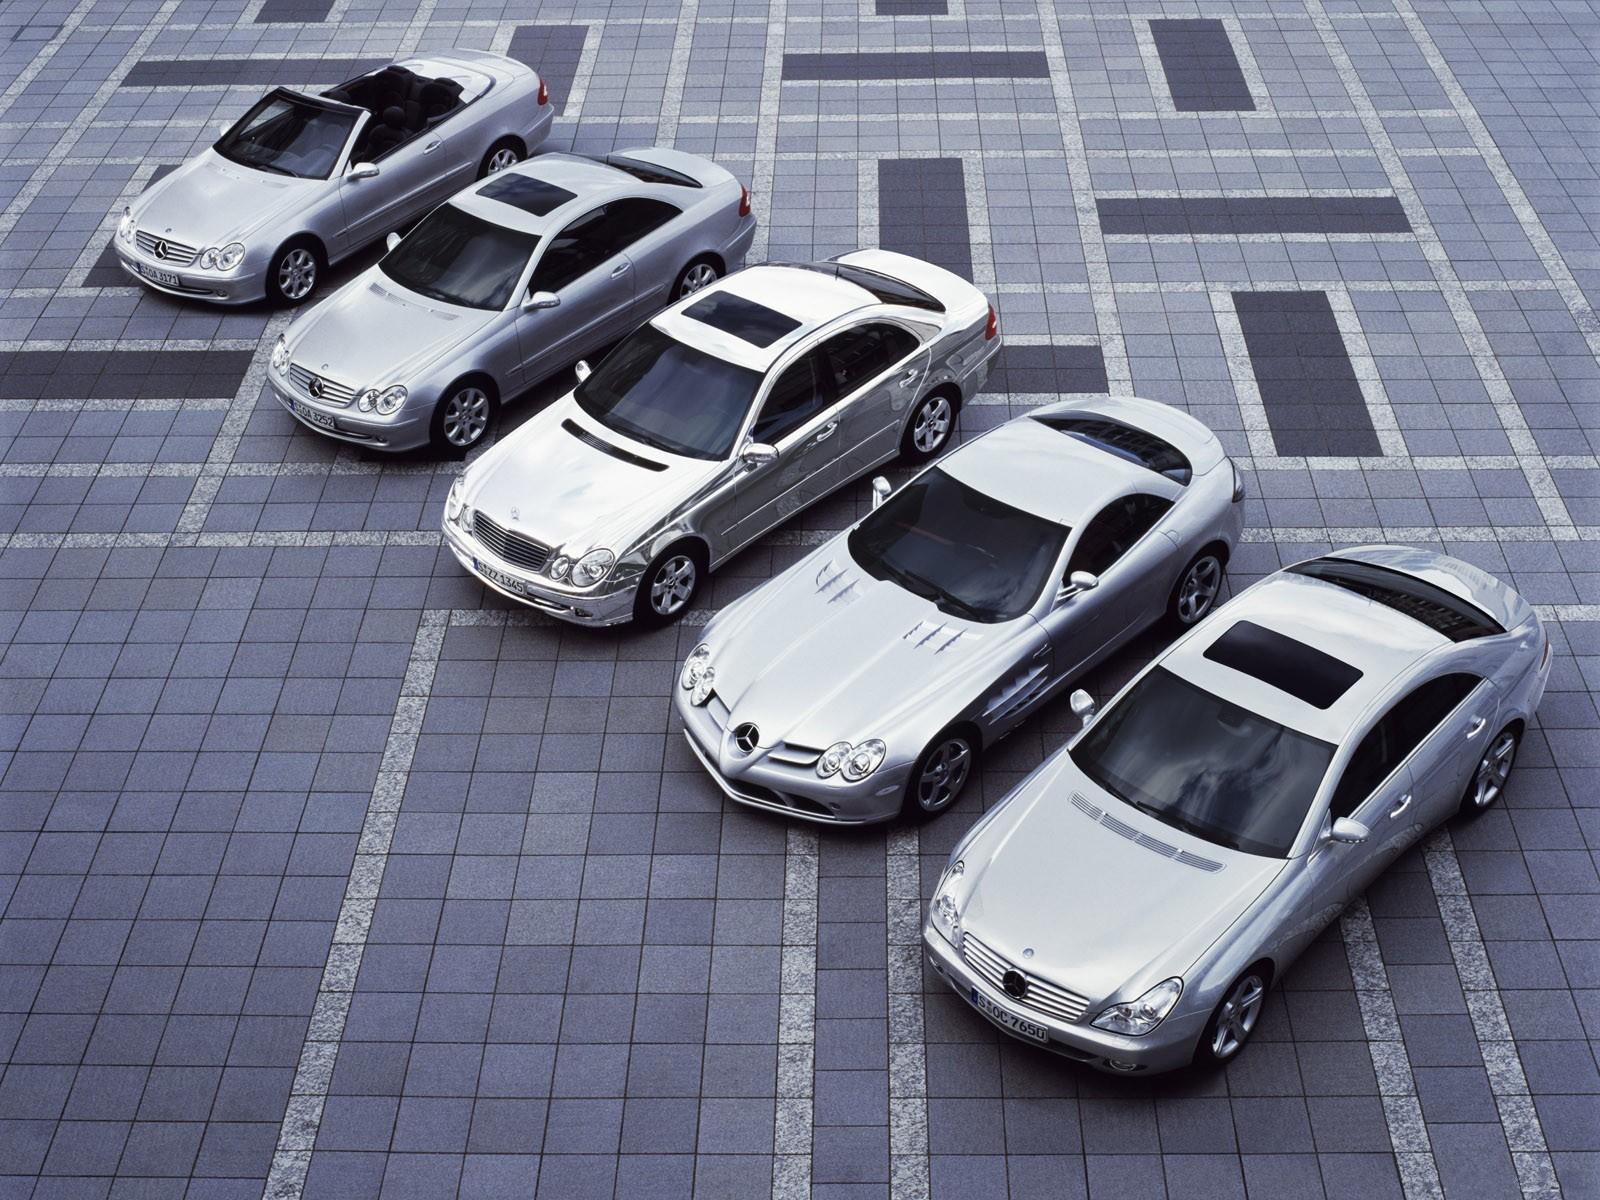 Продажа автомобилей MERCEDES-BENZ в Москве